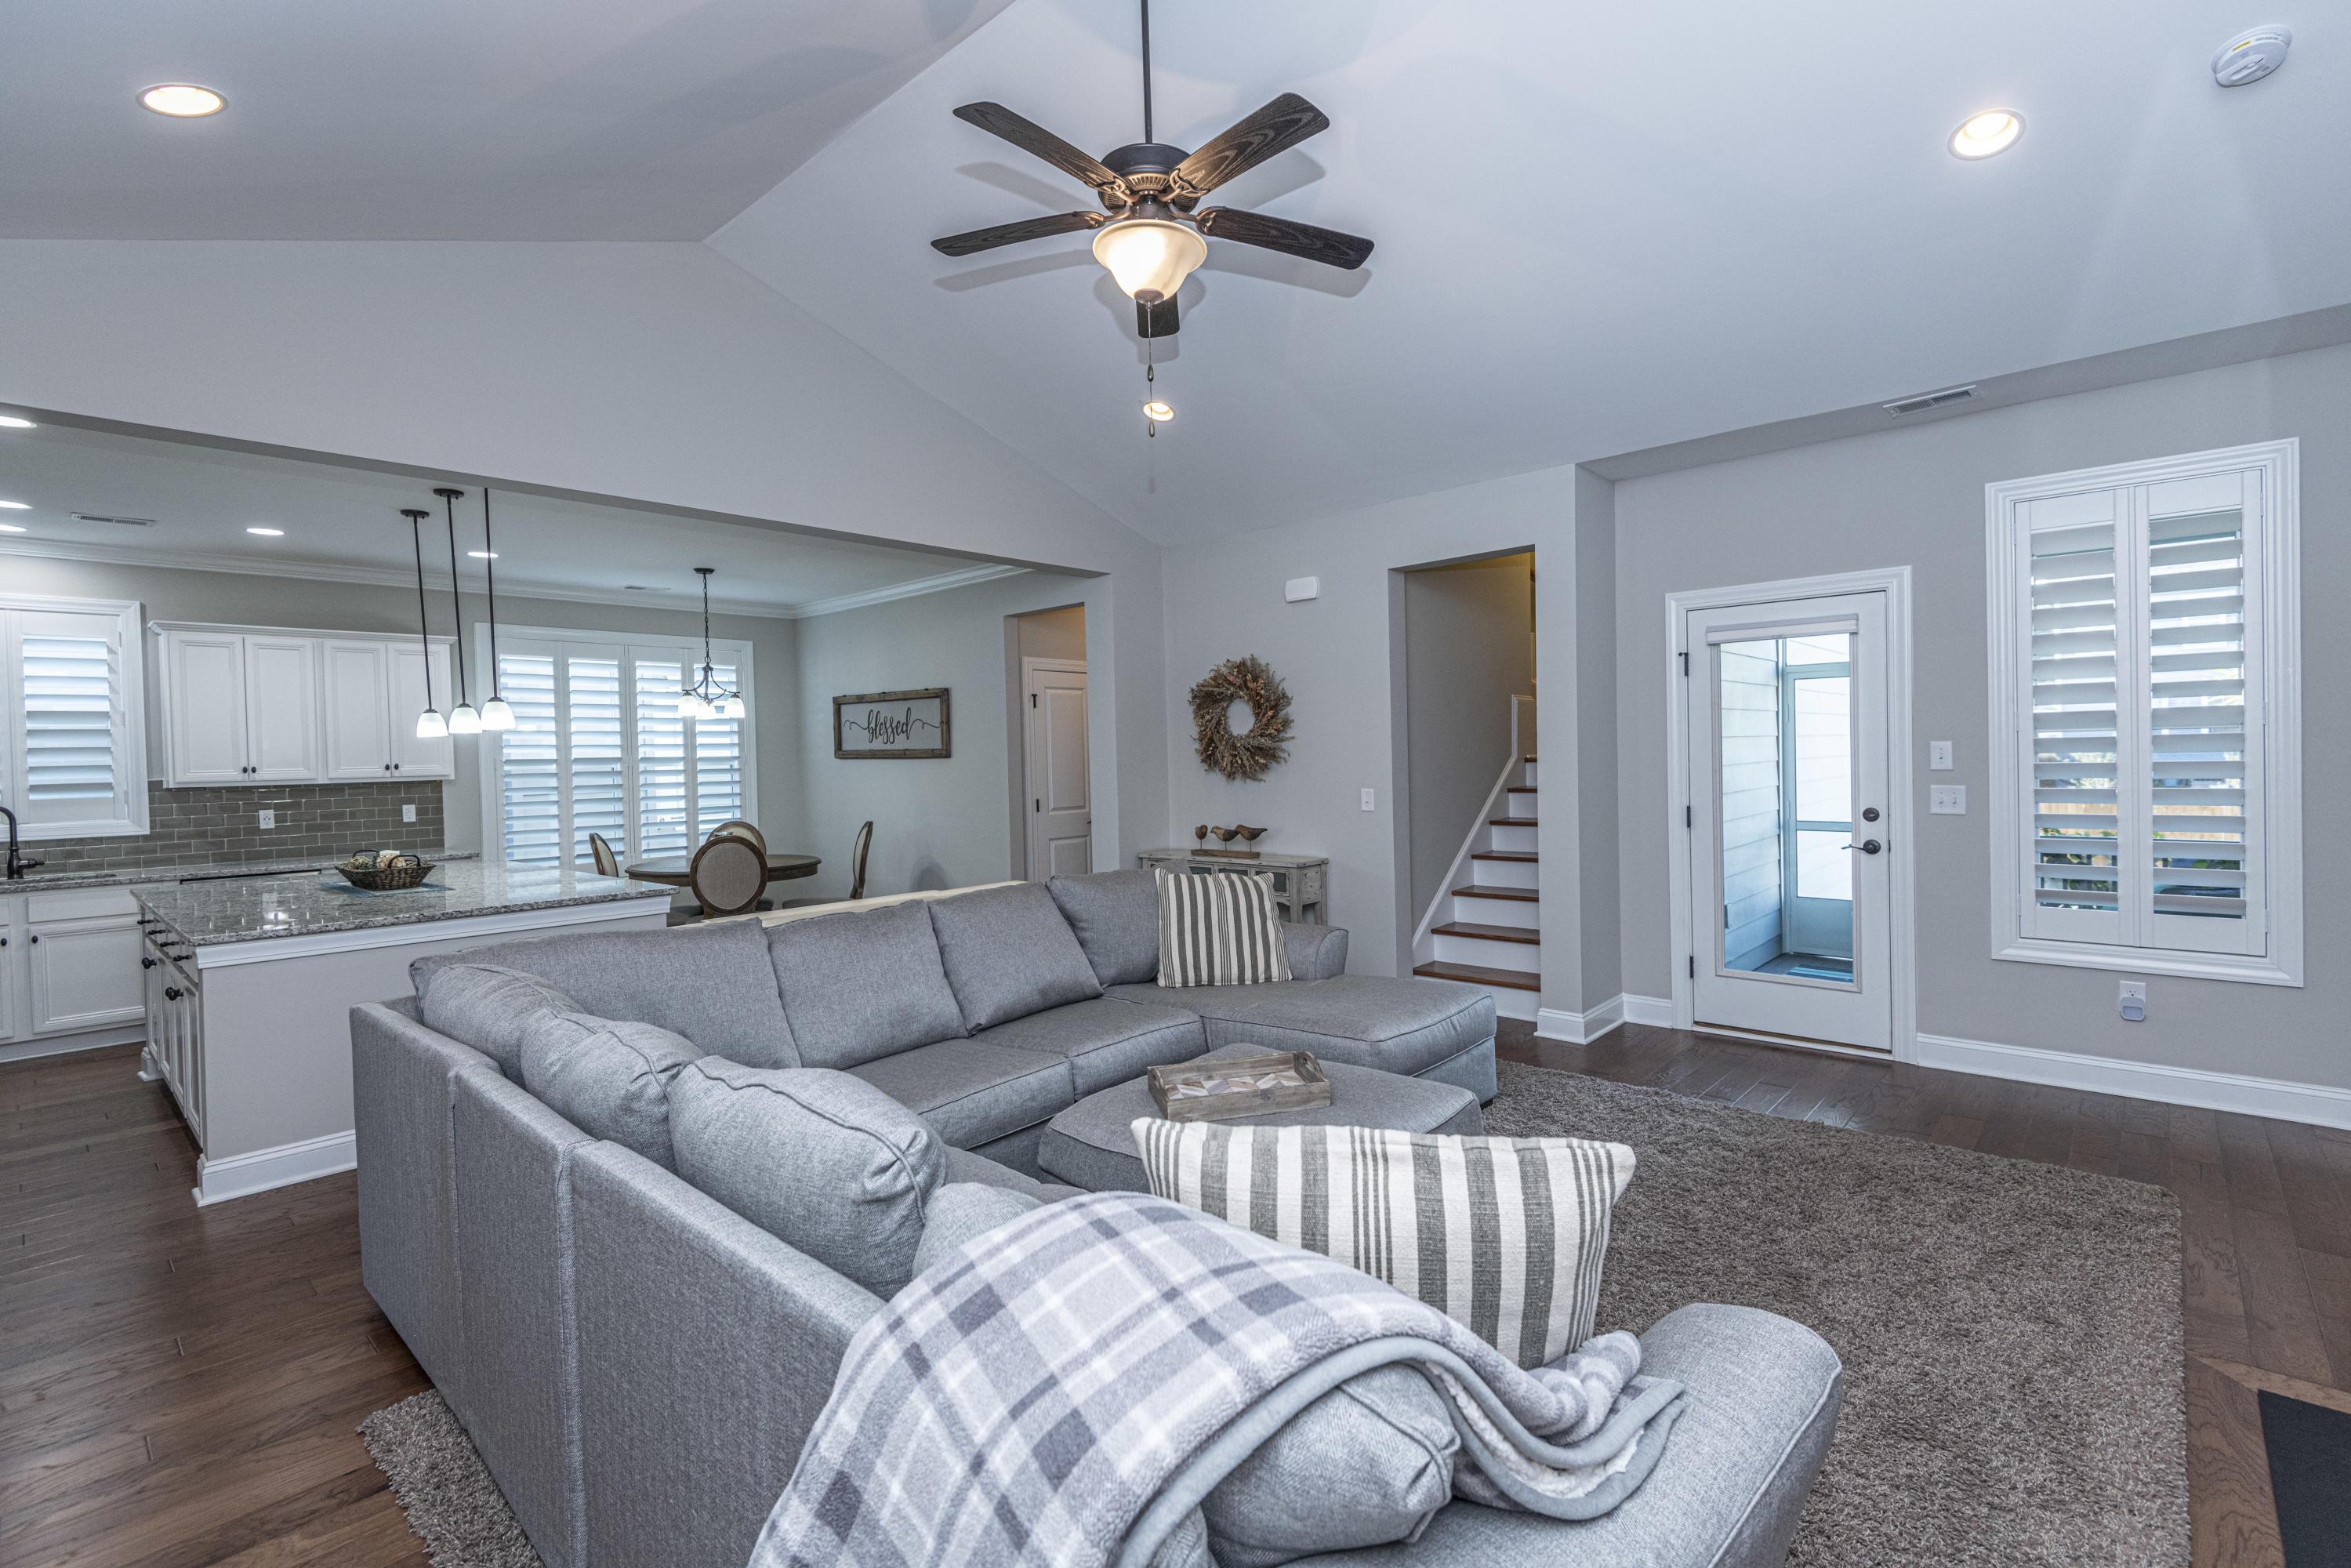 Park West Homes For Sale - 2667 Park West, Mount Pleasant, SC - 17